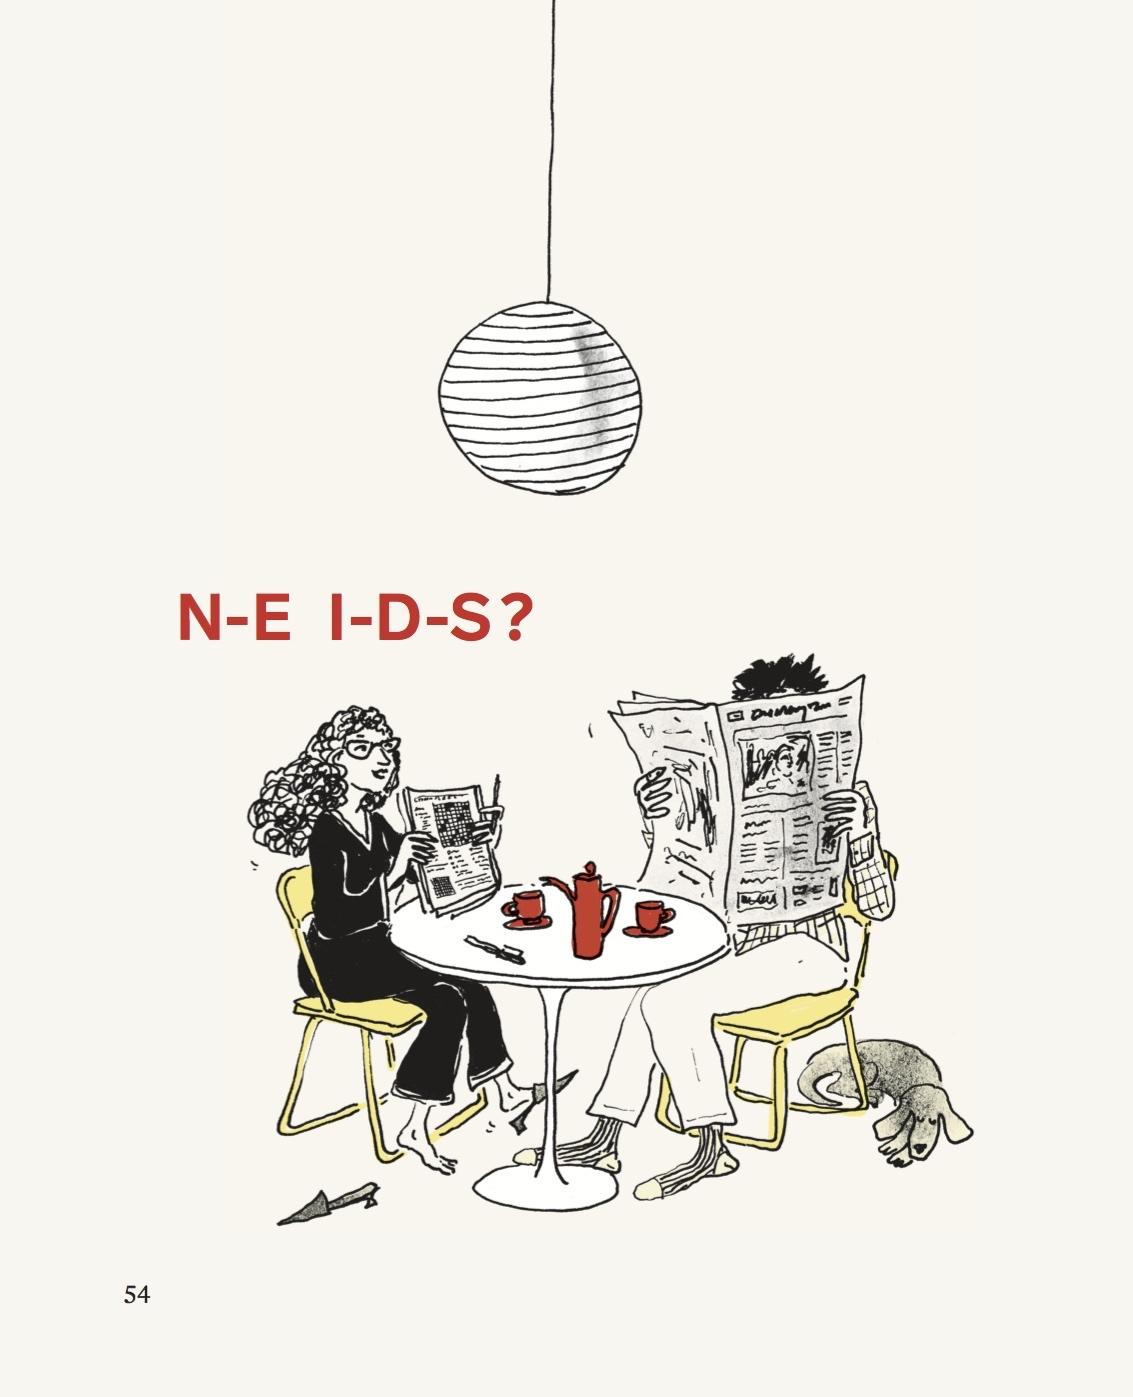 N-E I-D-S illustration